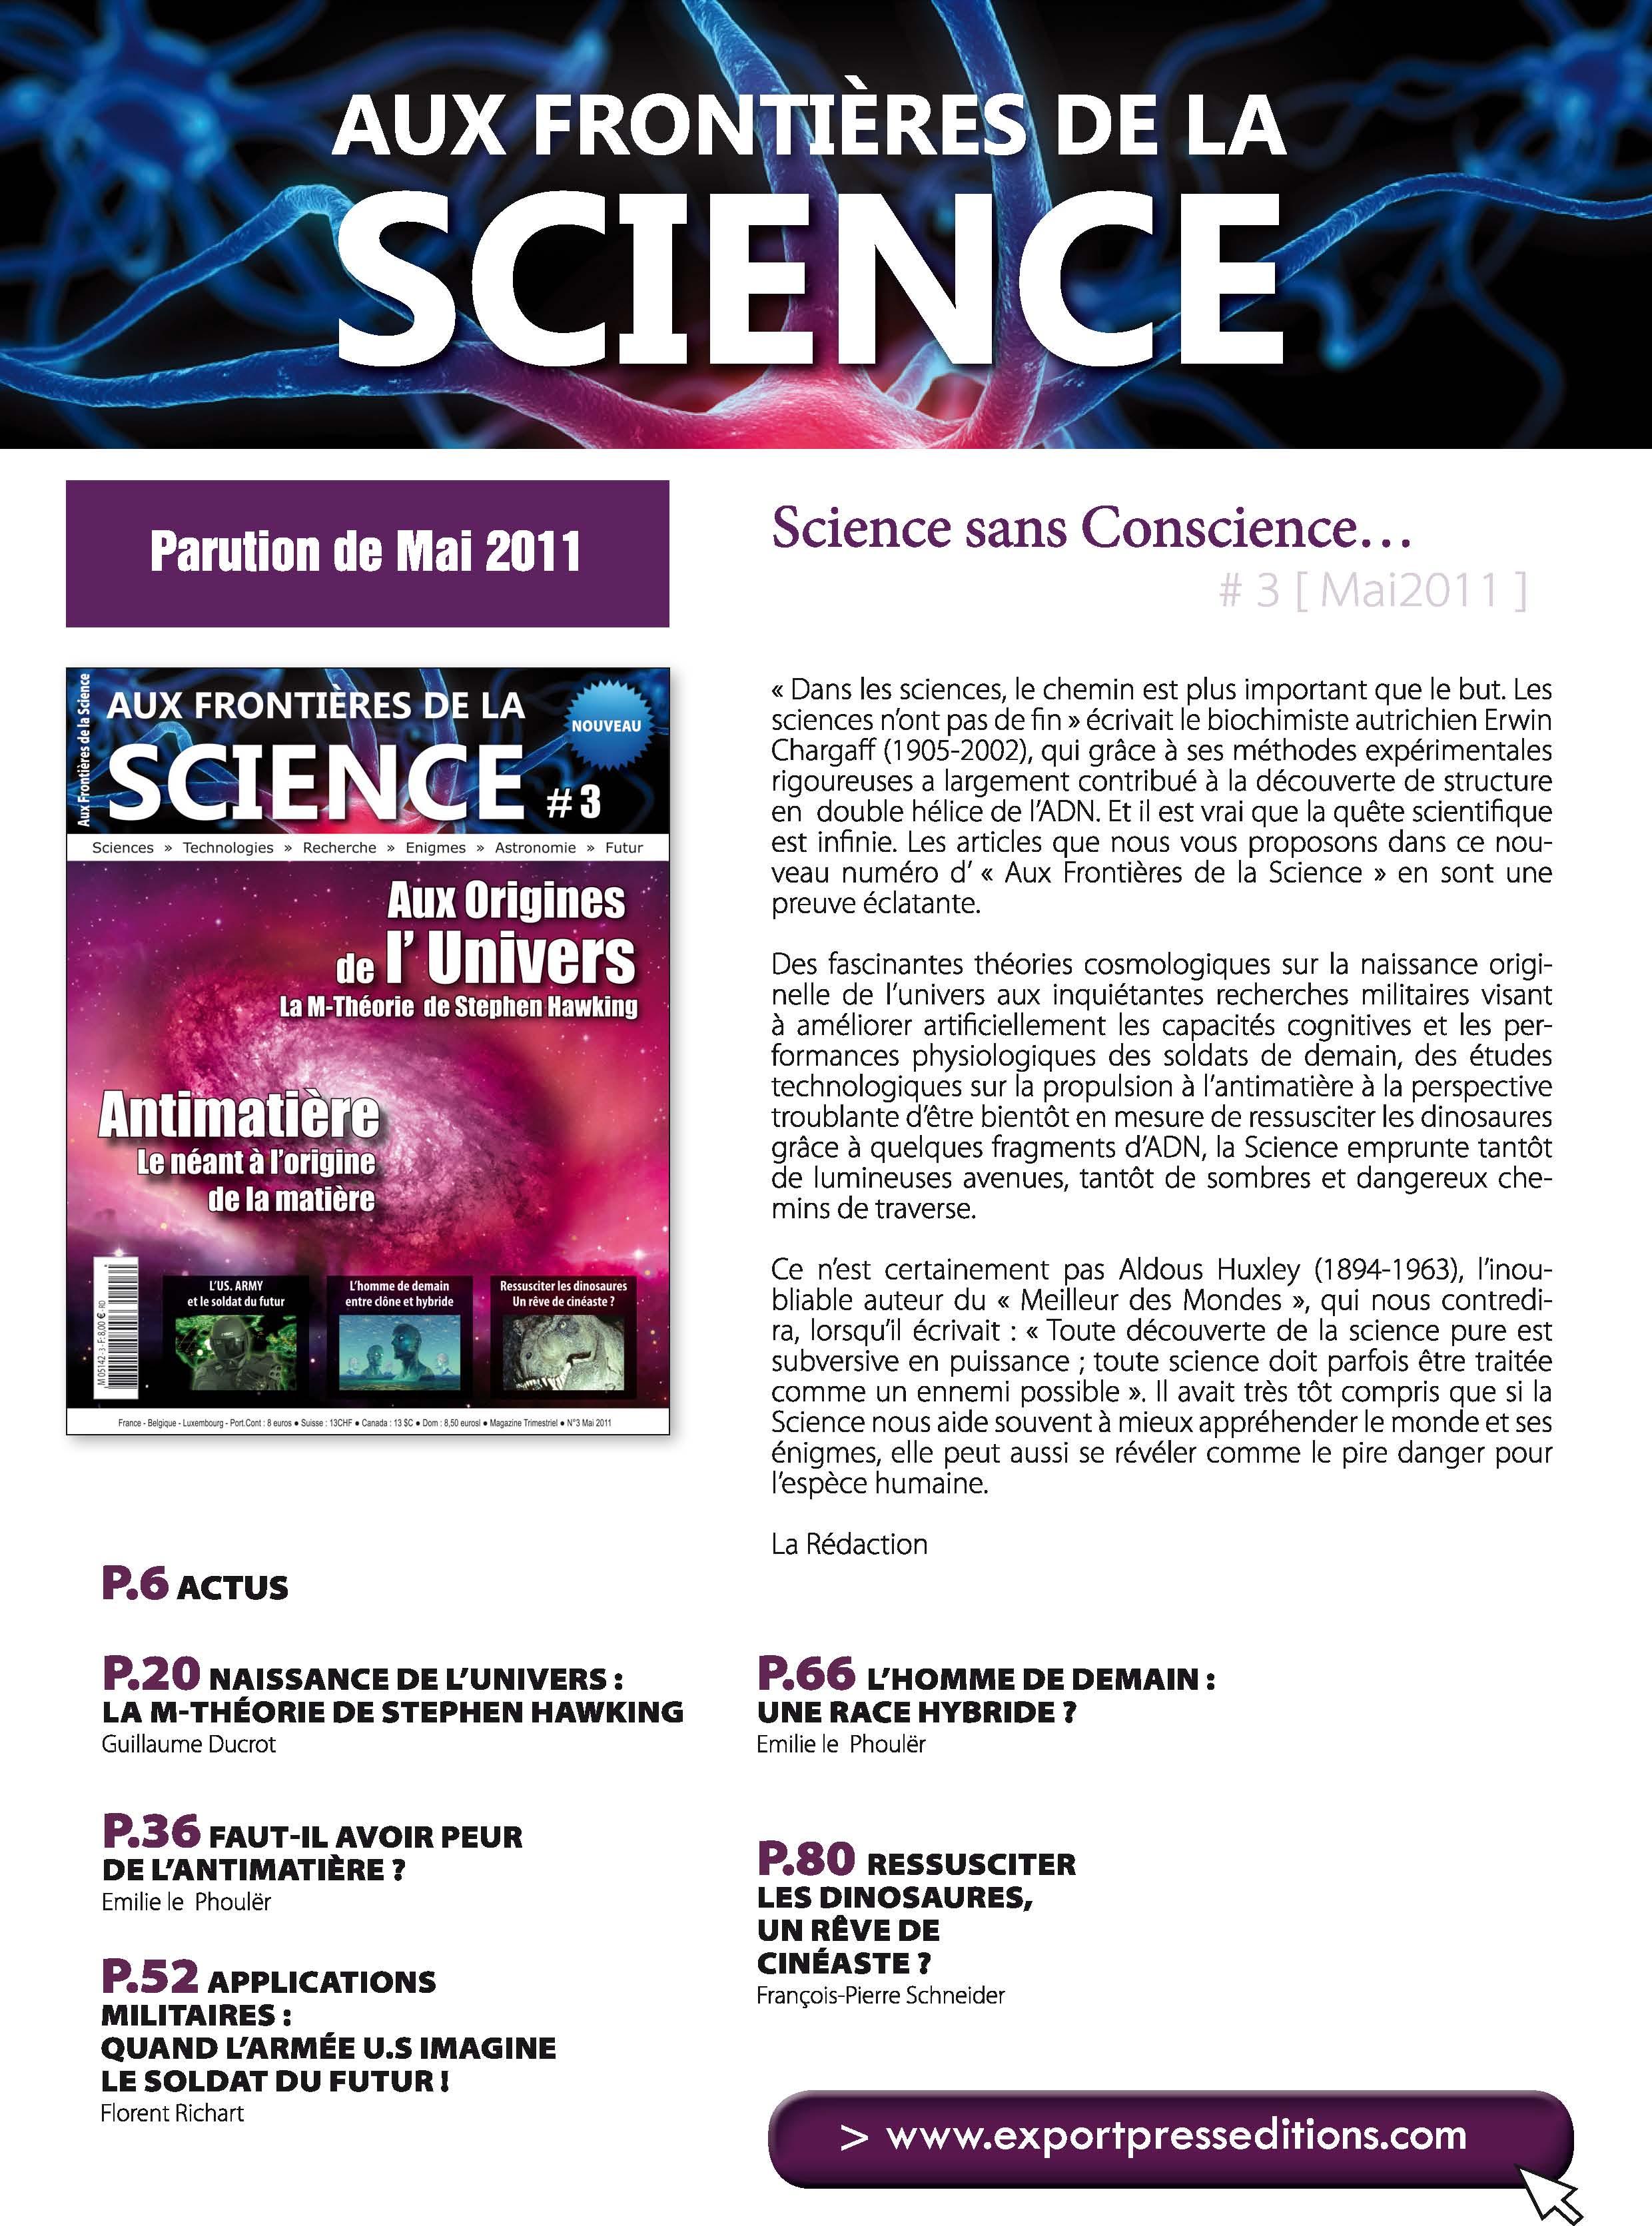 Aux Frontières de la Science 3